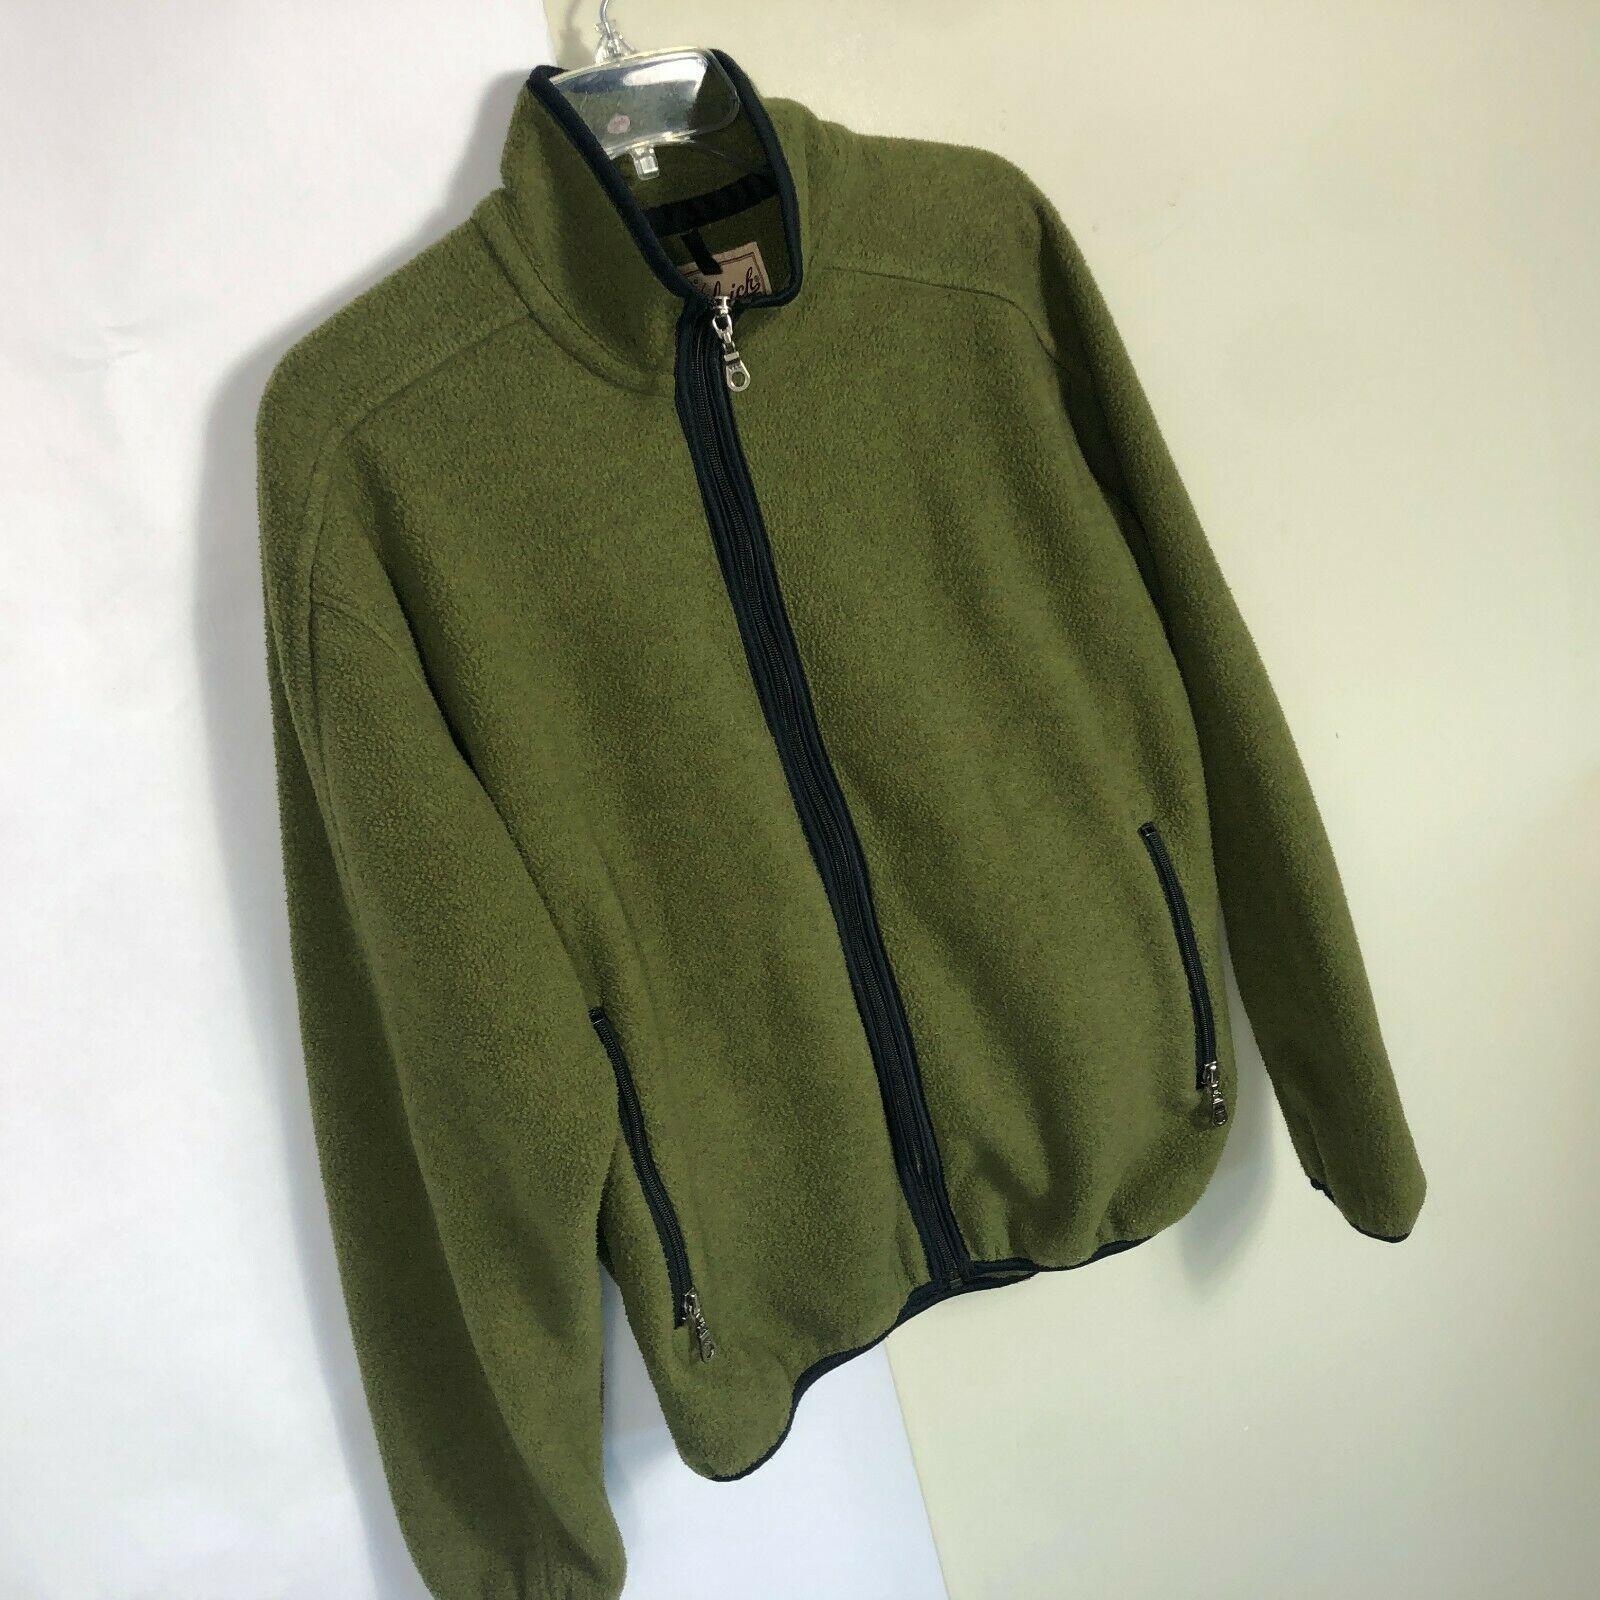 WoolRich Fleece Jacket Men's Medium Olive Green Full Zip Thick Fleece image 4